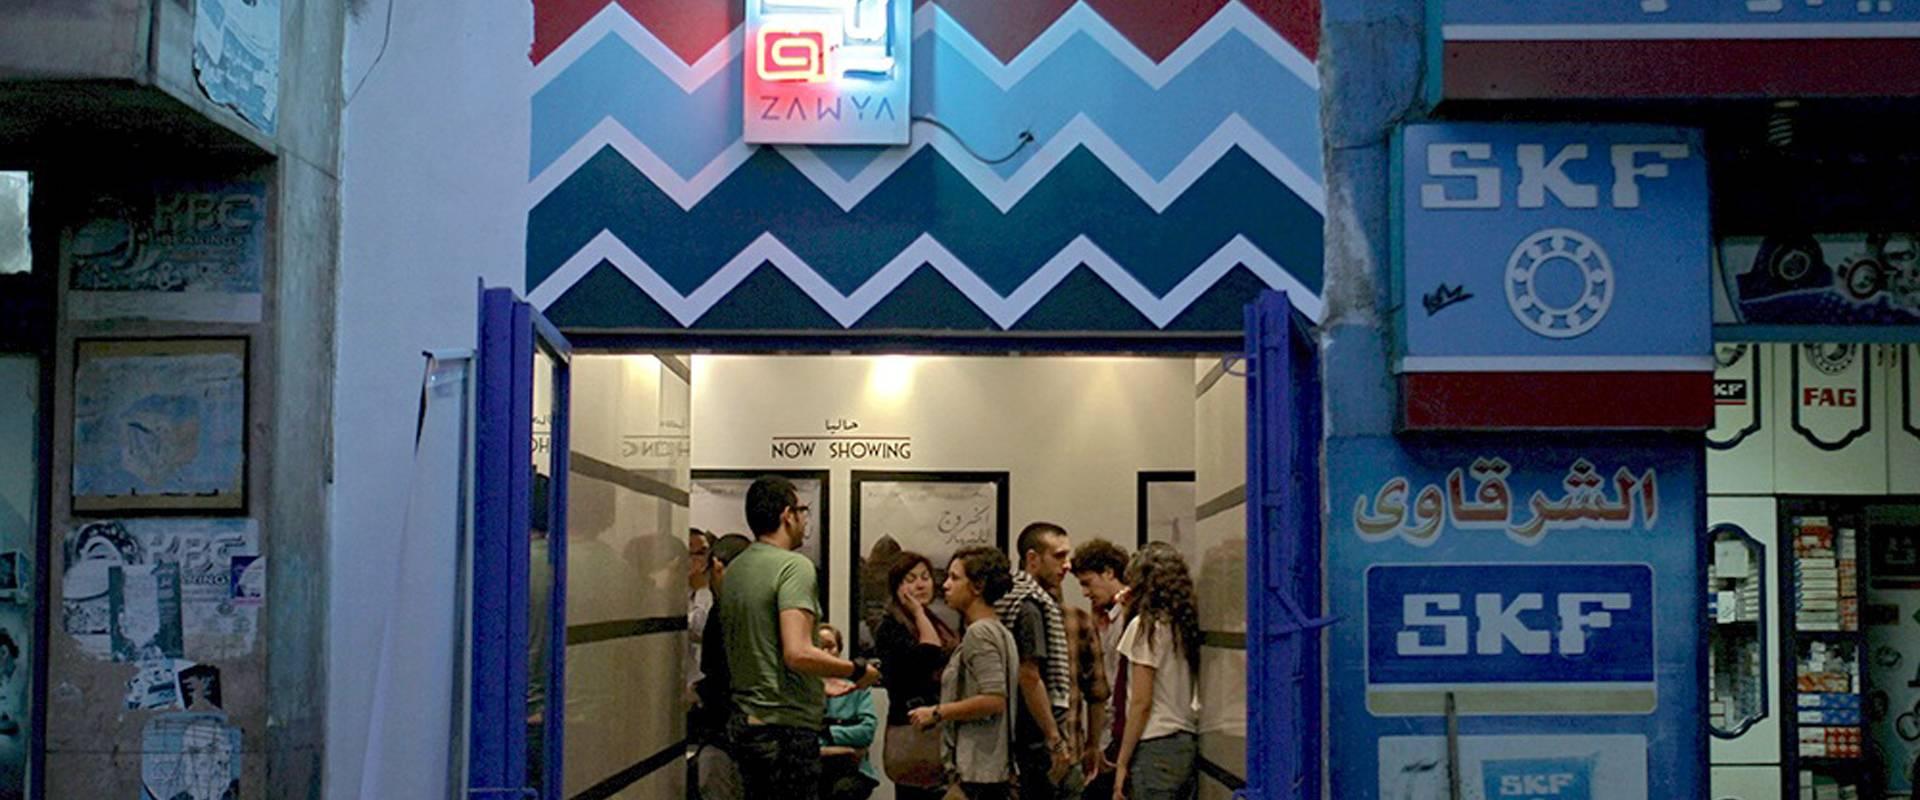 Zawya ist Ägyptens erstes Arthouse-Kino